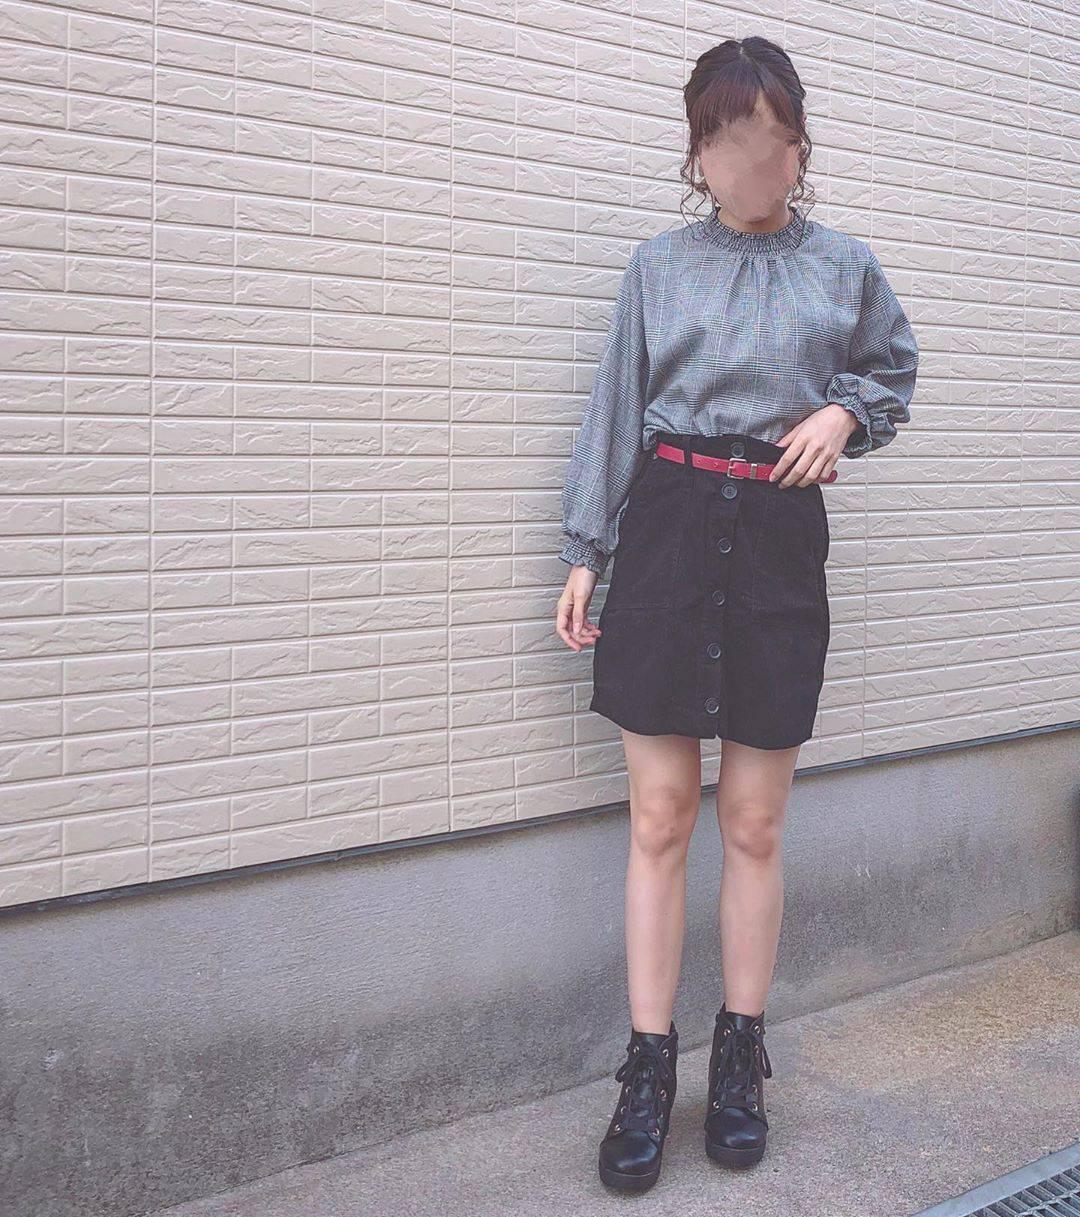 最高気温24度・最低気温12度 flower_22227の服装